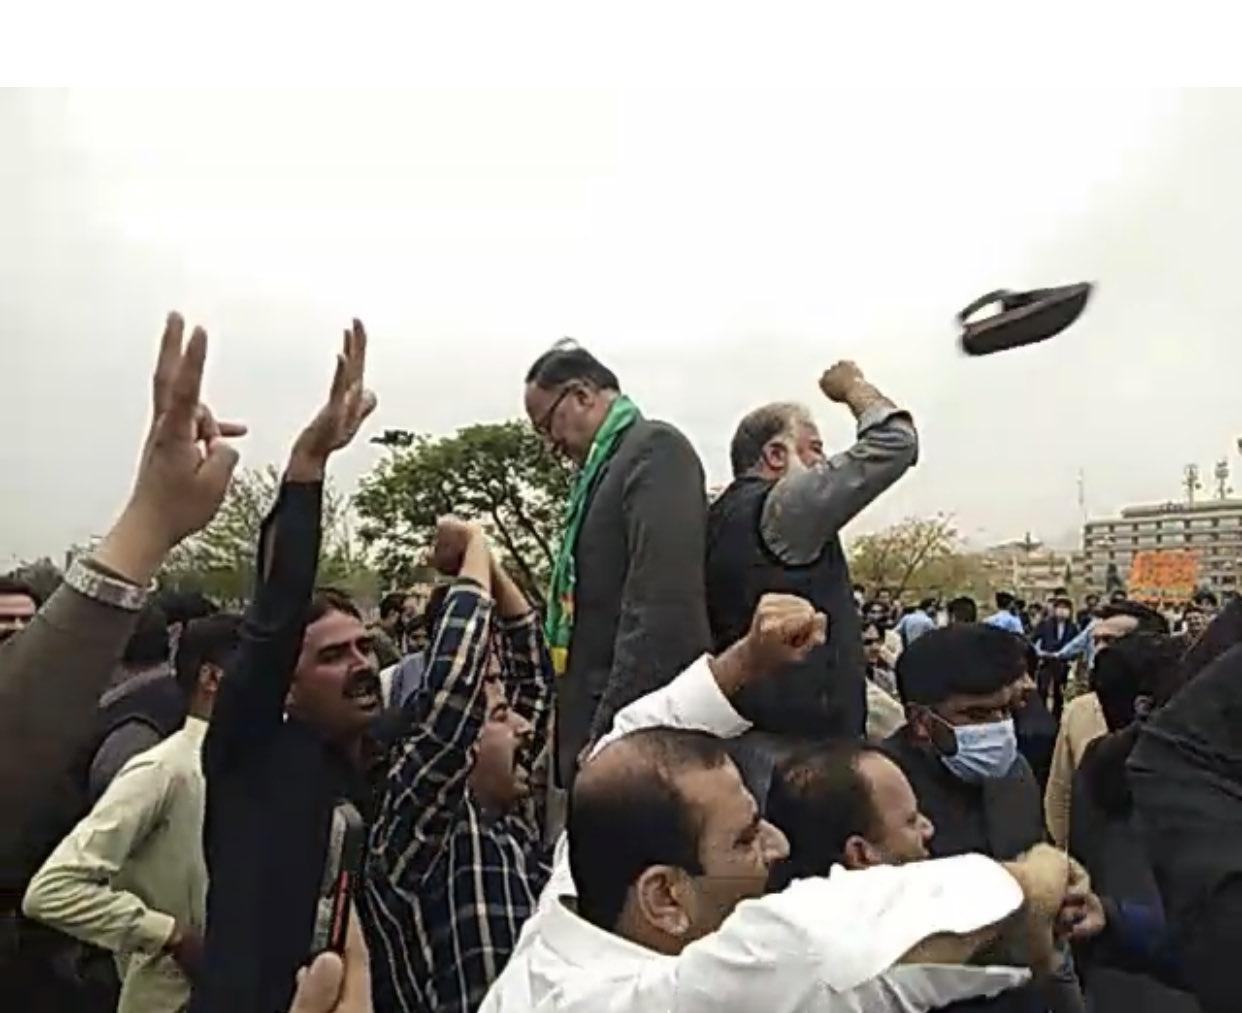 असेंबली के बाहर चल रहे हंगामे के दौरान किसी ने PML-N के नेता अहसान इकबाल के ऊपर चप्पल उछाल दी।